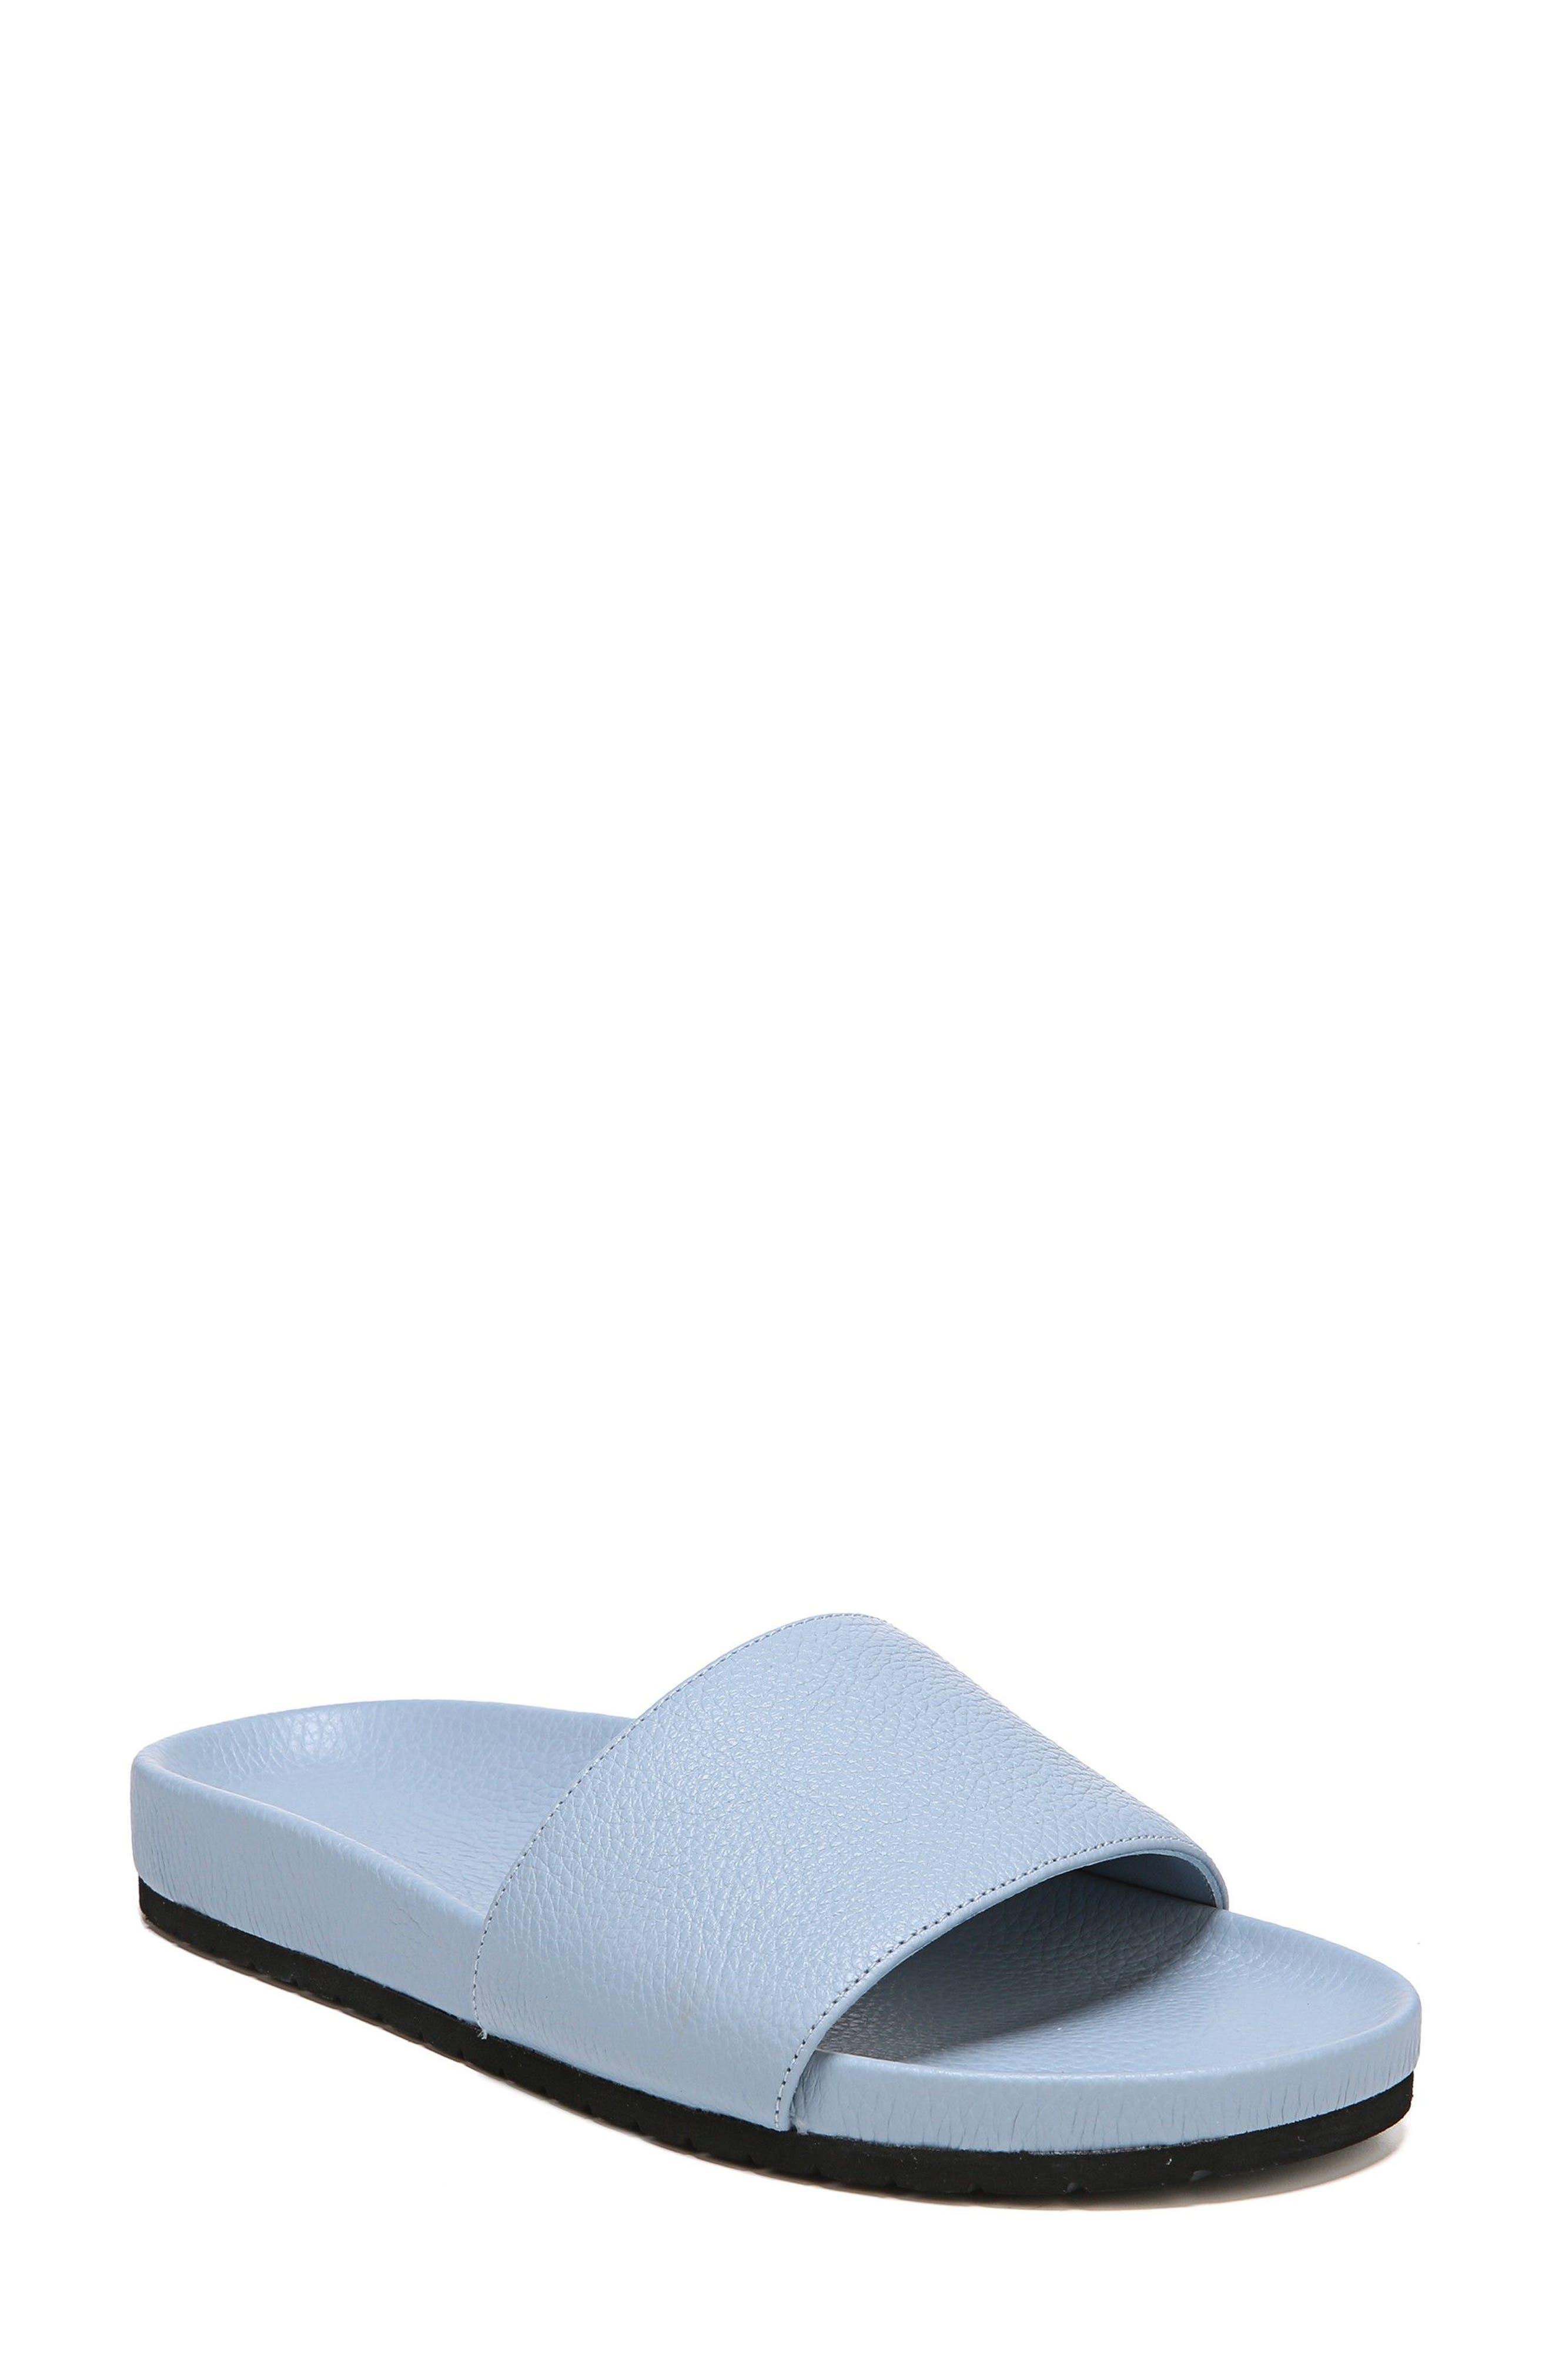 Gavin Slide Sandal,                         Main,                         color, 405